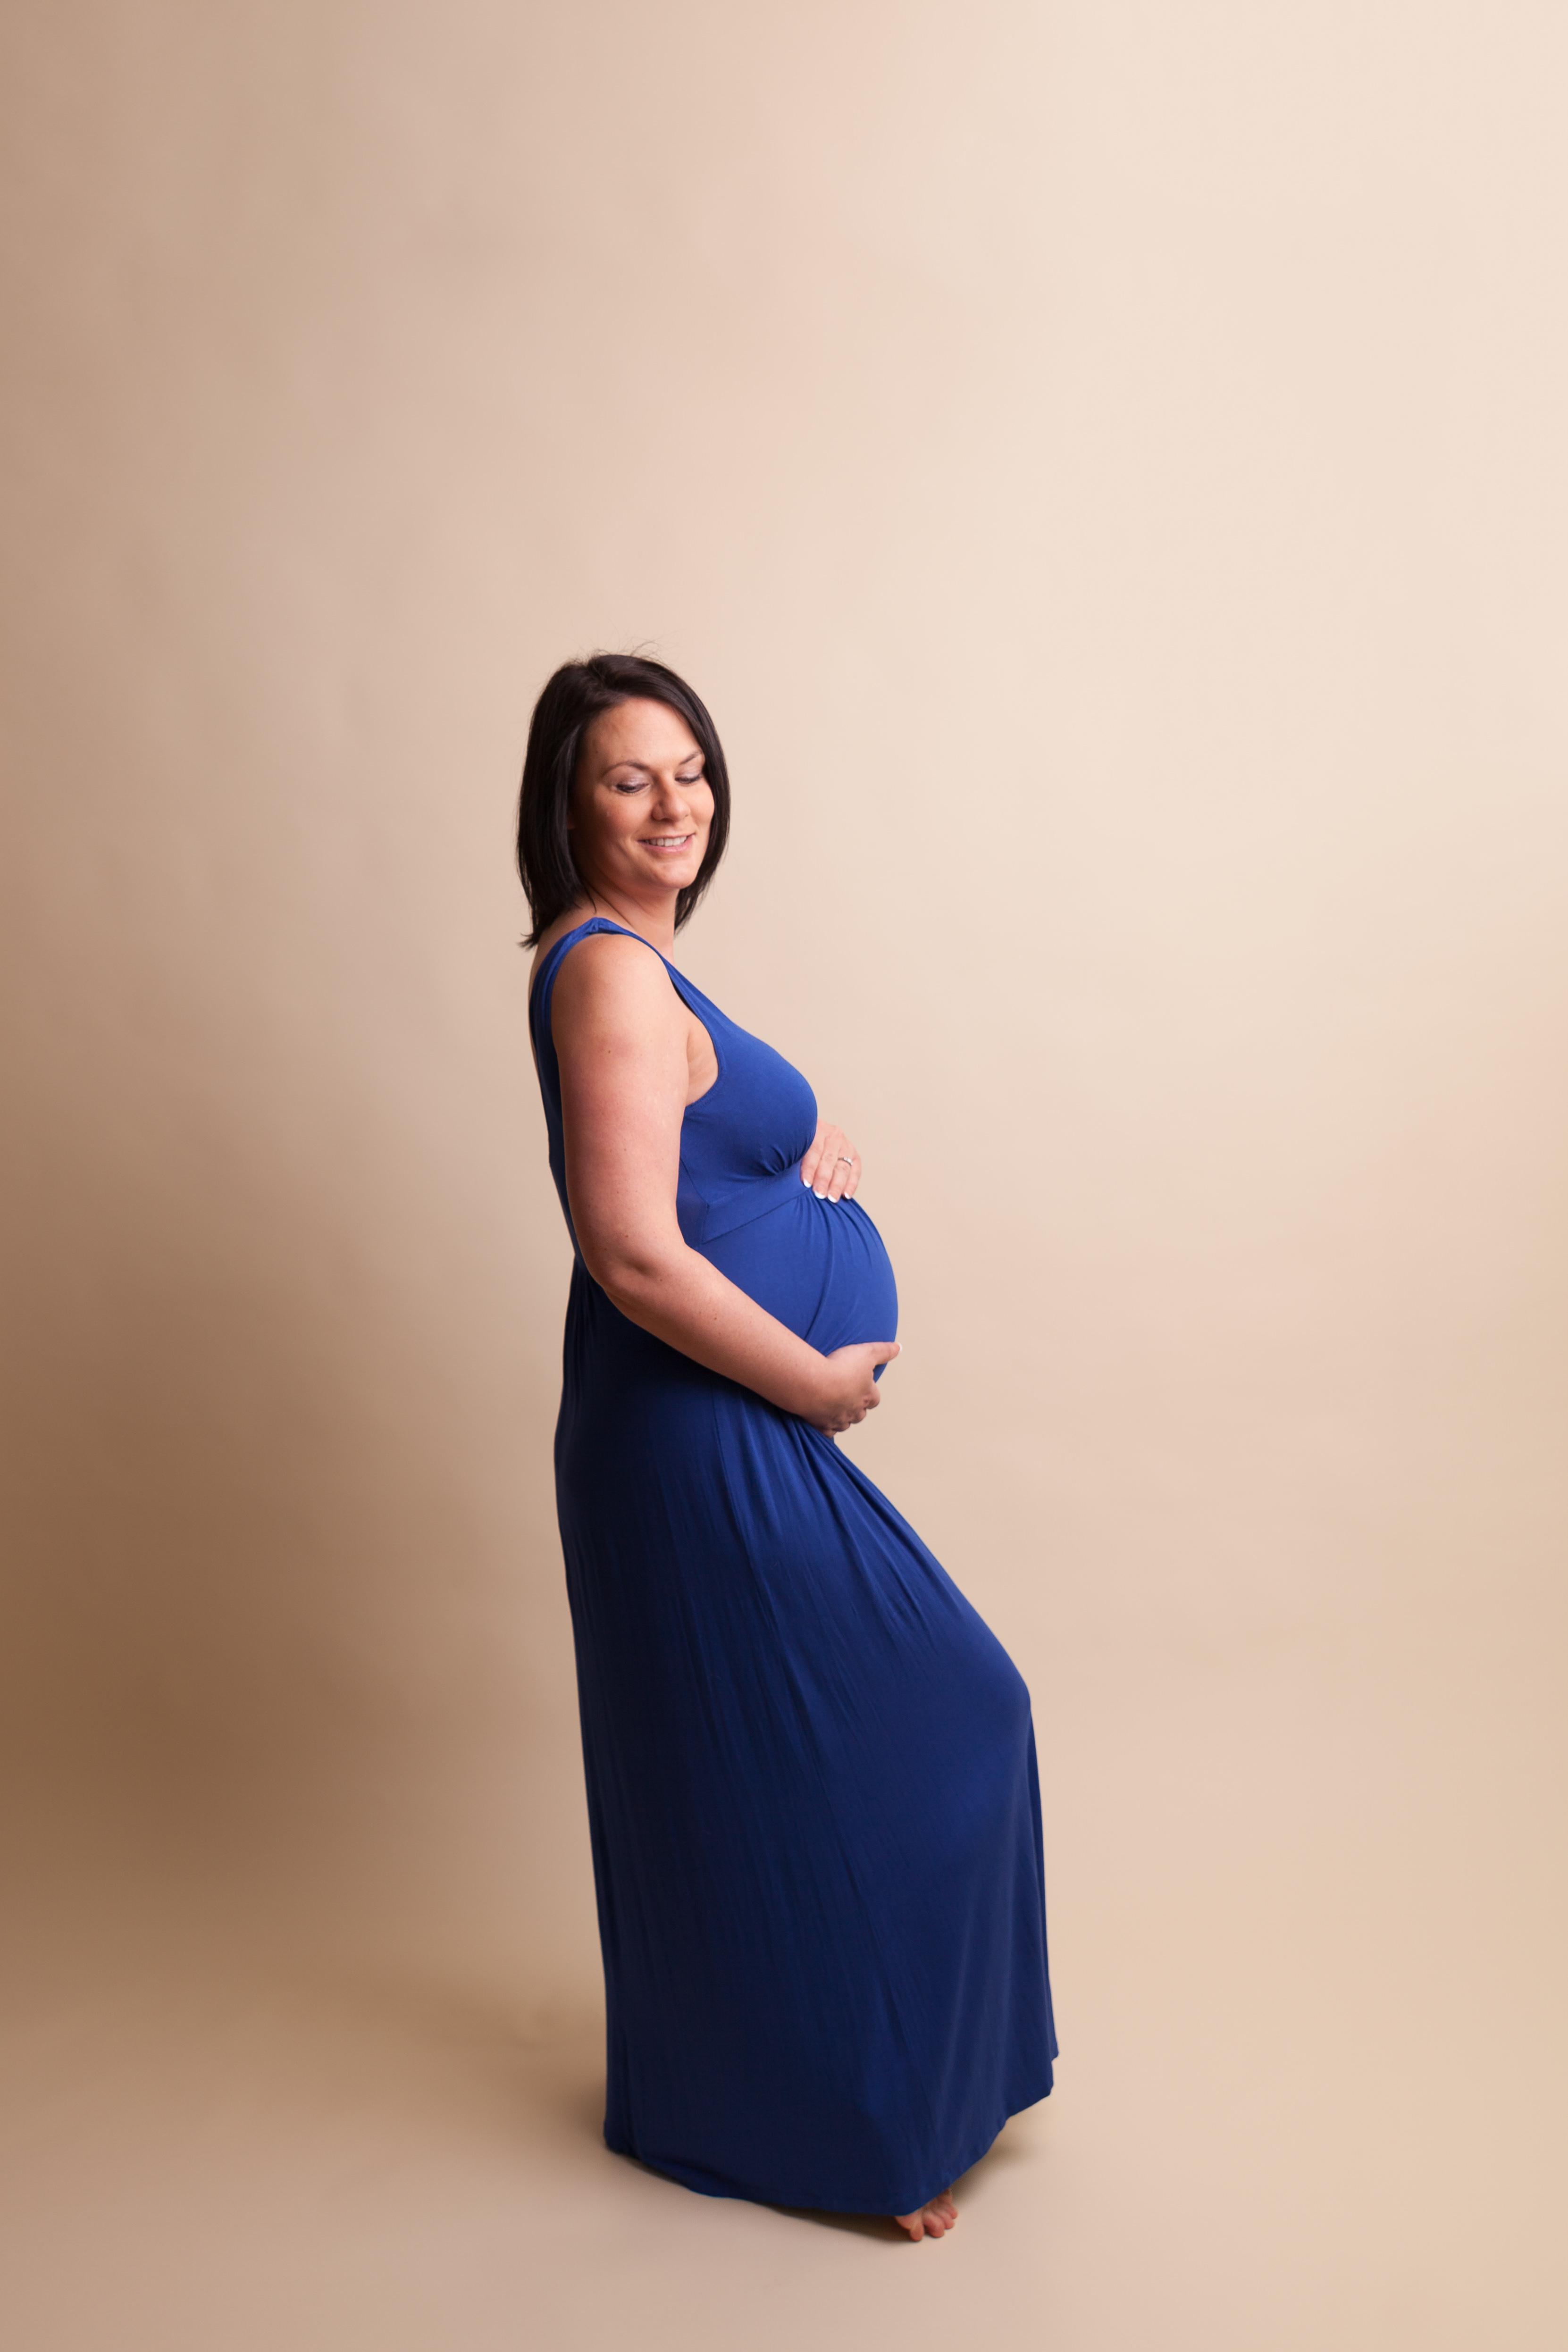 maternity photographer edinburgh